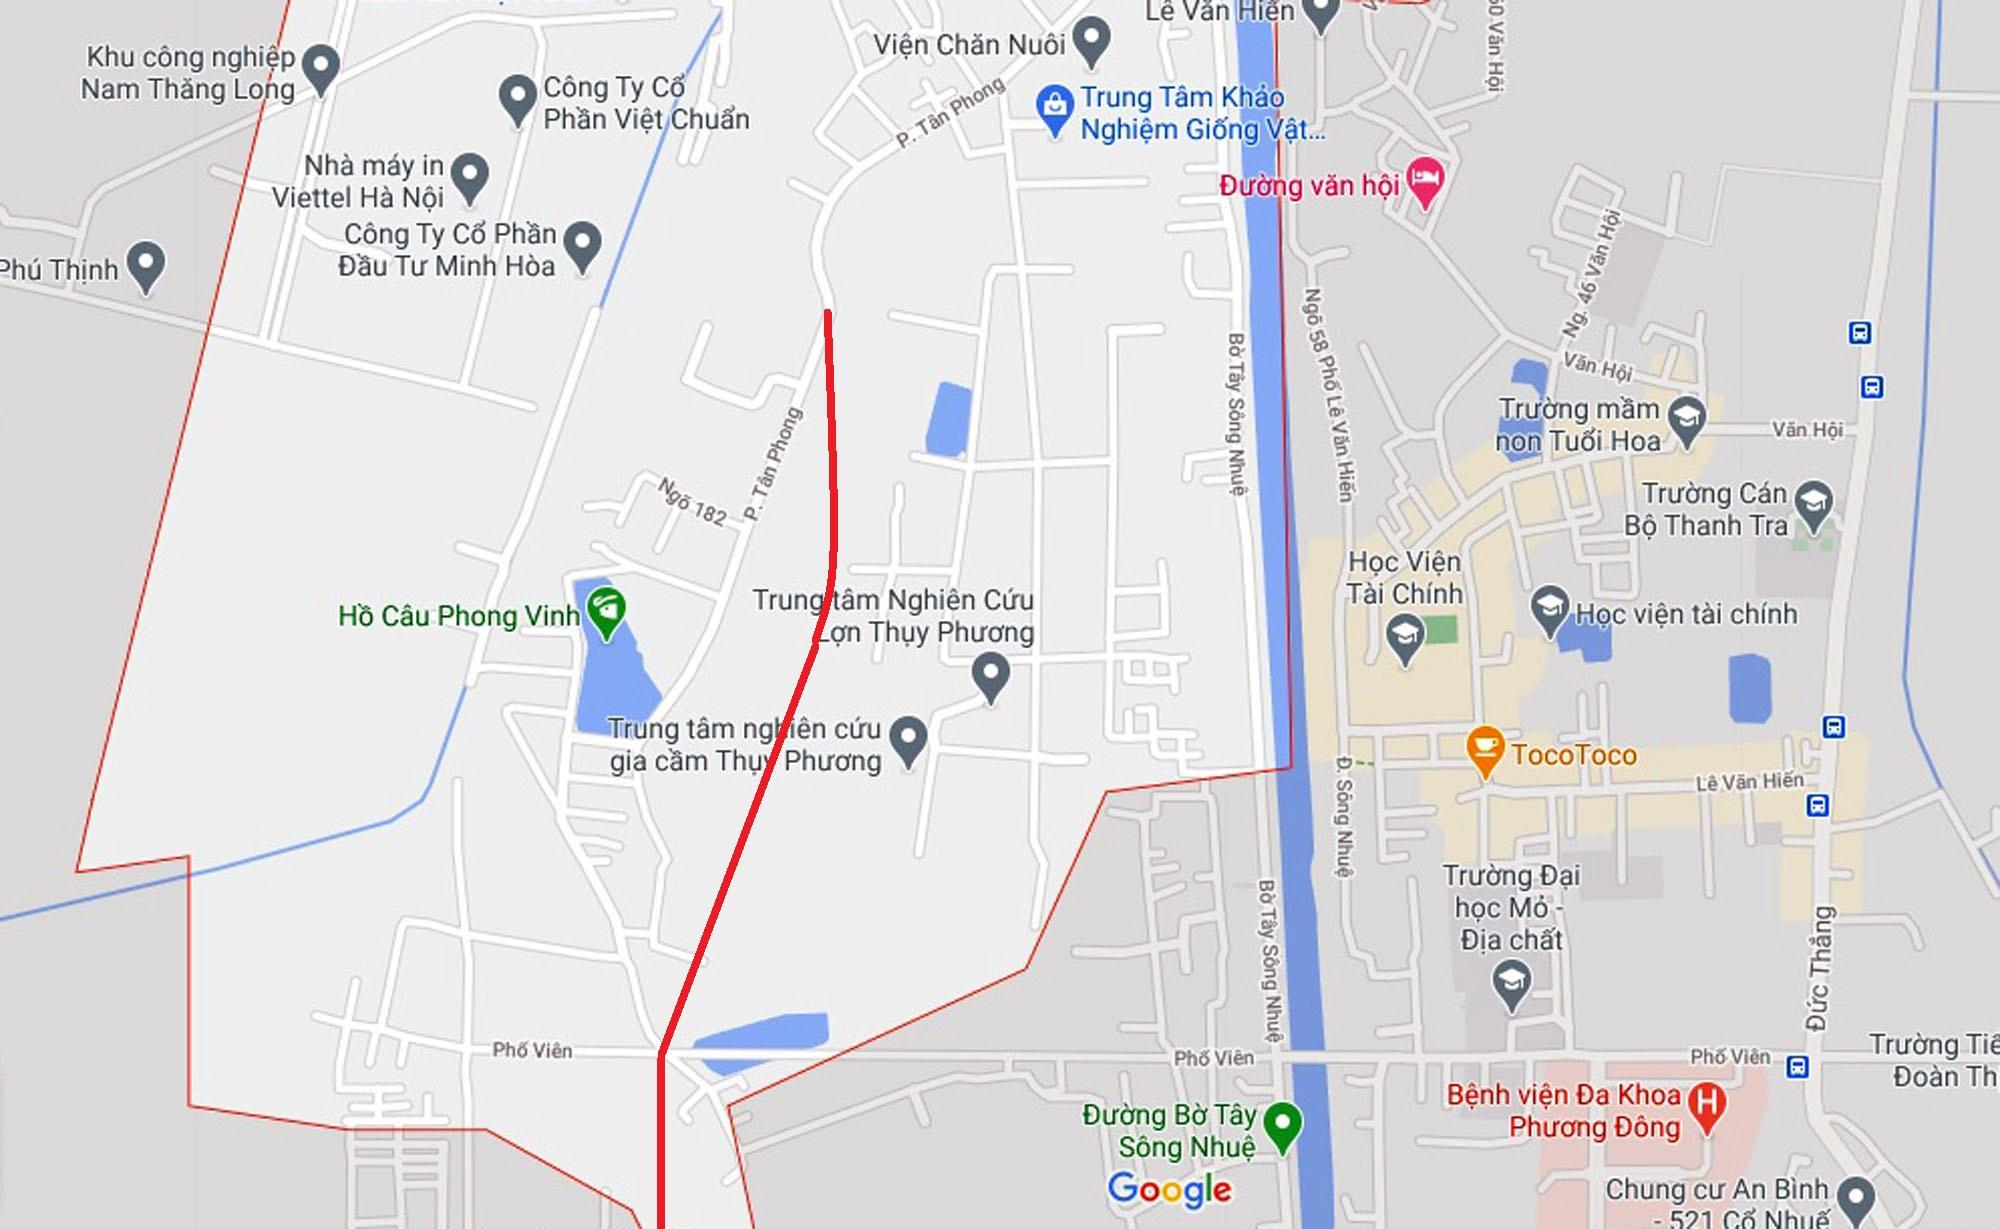 Ba đường sẽ mở theo qui hoạch ở phường Thụy Phương, Bắc Từ Liêm, Hà Nội (phần 2) - Ảnh 2.